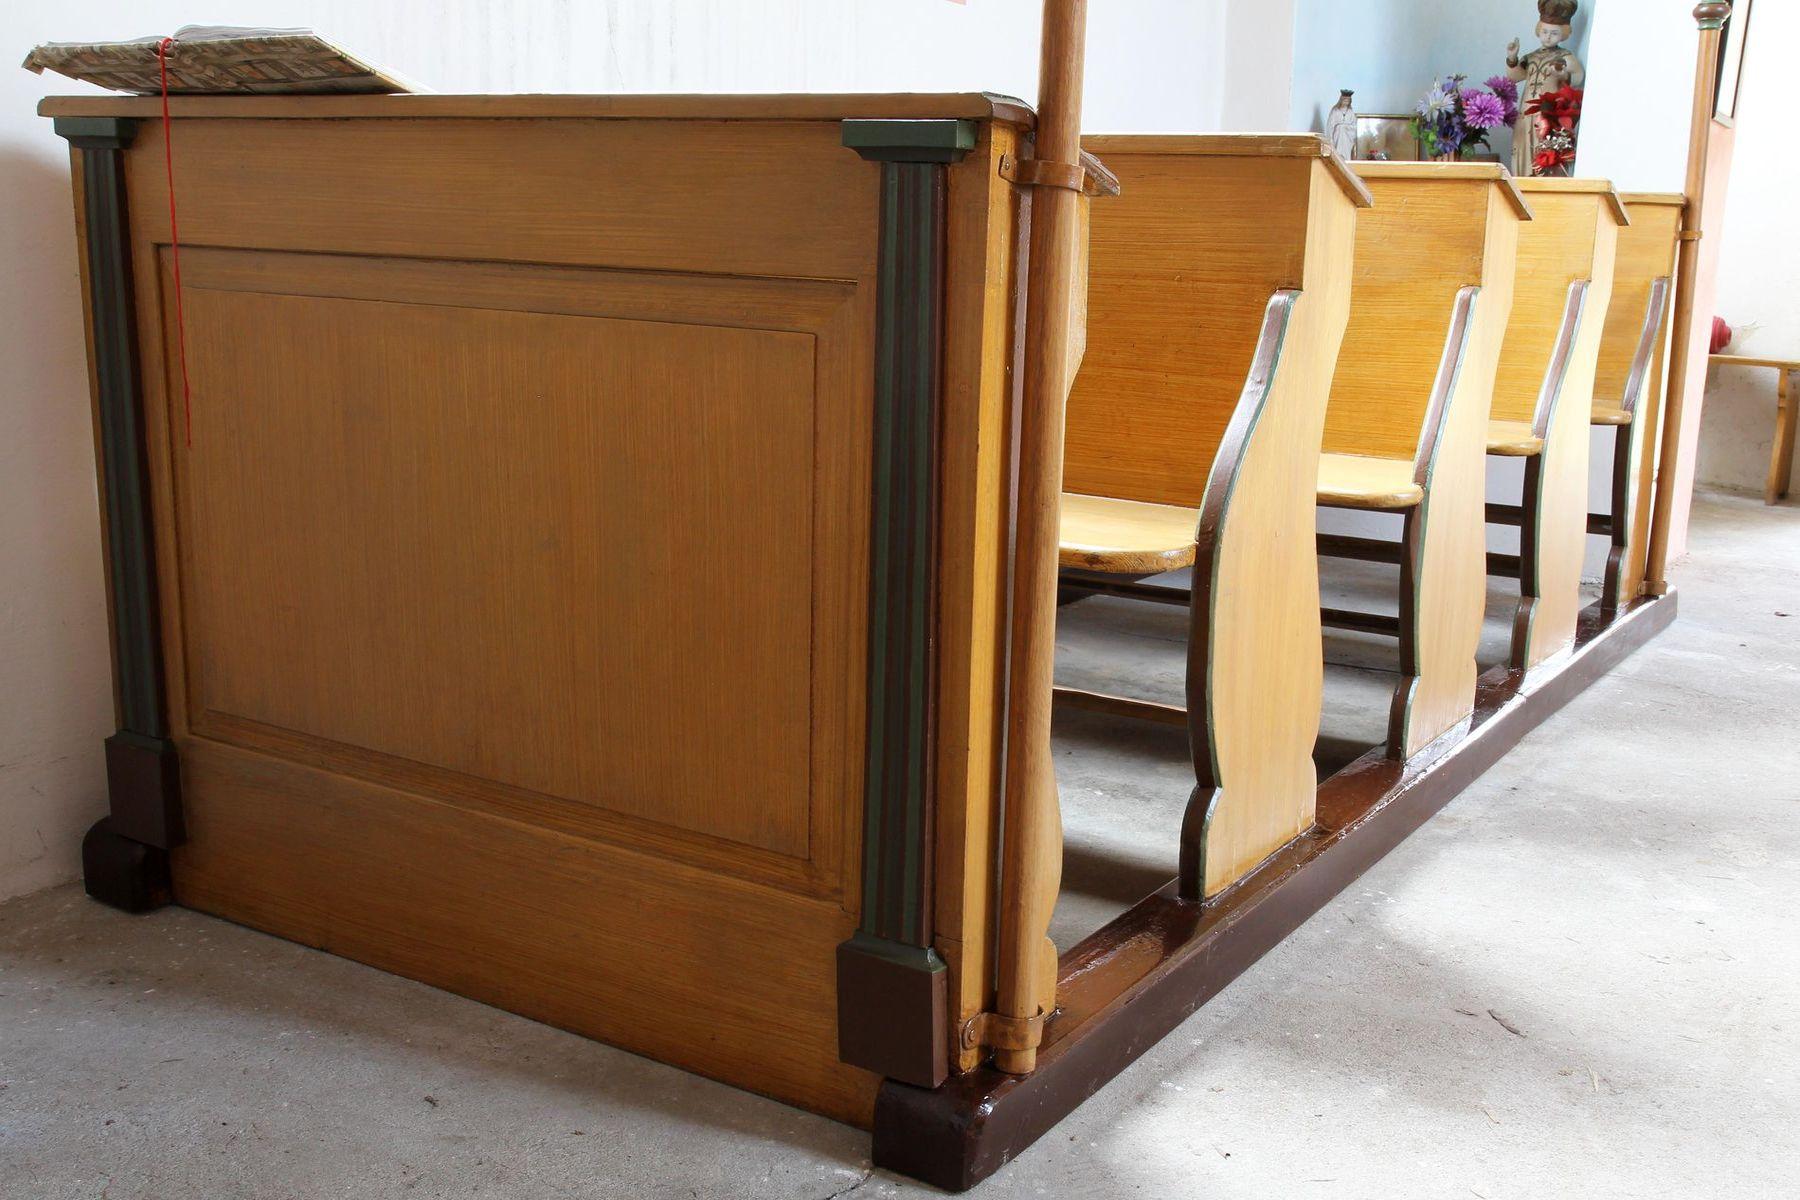 Restaurovali jsme kostelní lavice v kostele sv. Prokopa v Otvovicích - Restaurování kostelní lavice po restaurování 02